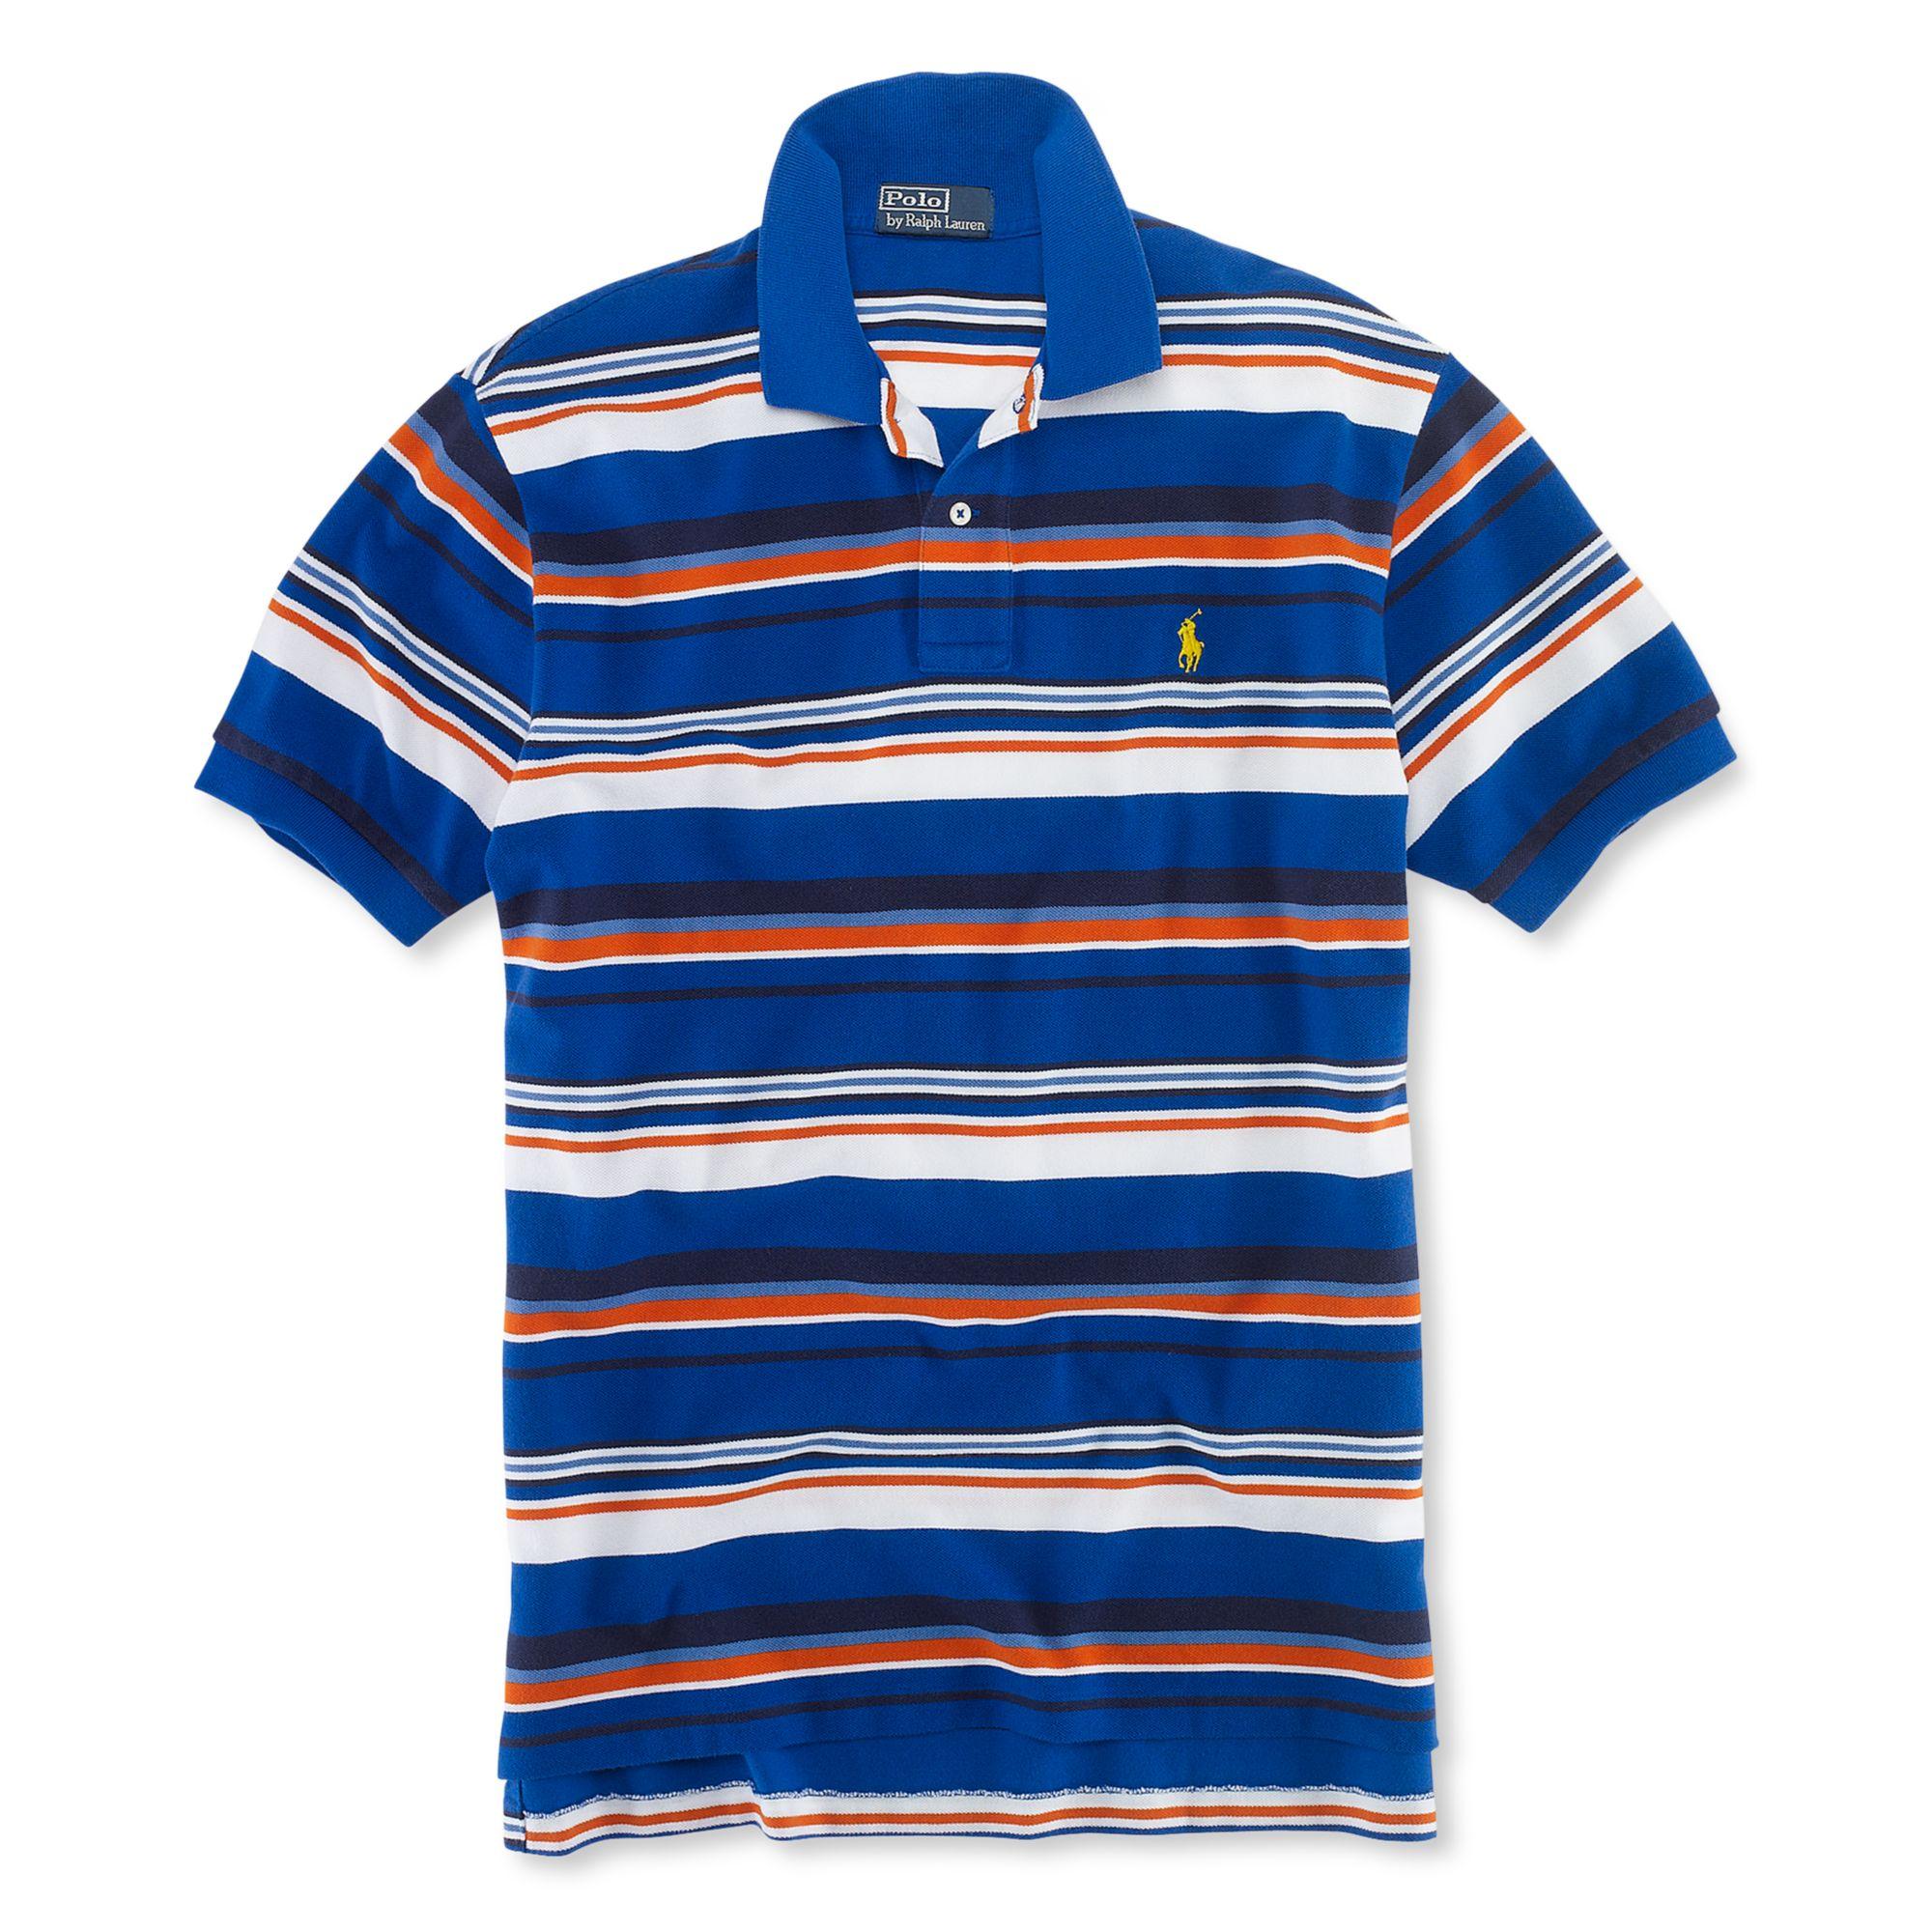 EUC Ralph Lauren Plaid Madras Shirt Mens Large Multicolor